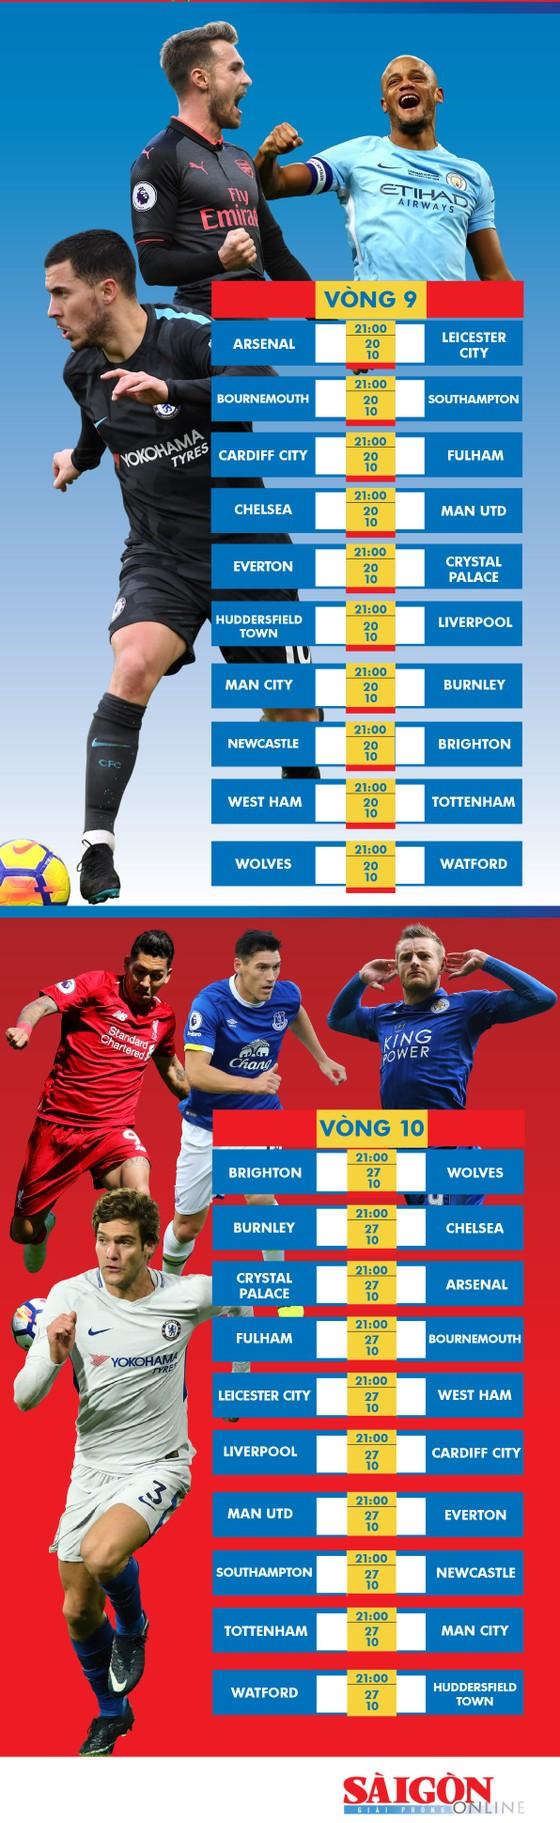 Lịch thi đấu giải Ngoại hạng Anh, từ vòng 5 đến  vòng 10, tăng bạn đọc ảnh 3